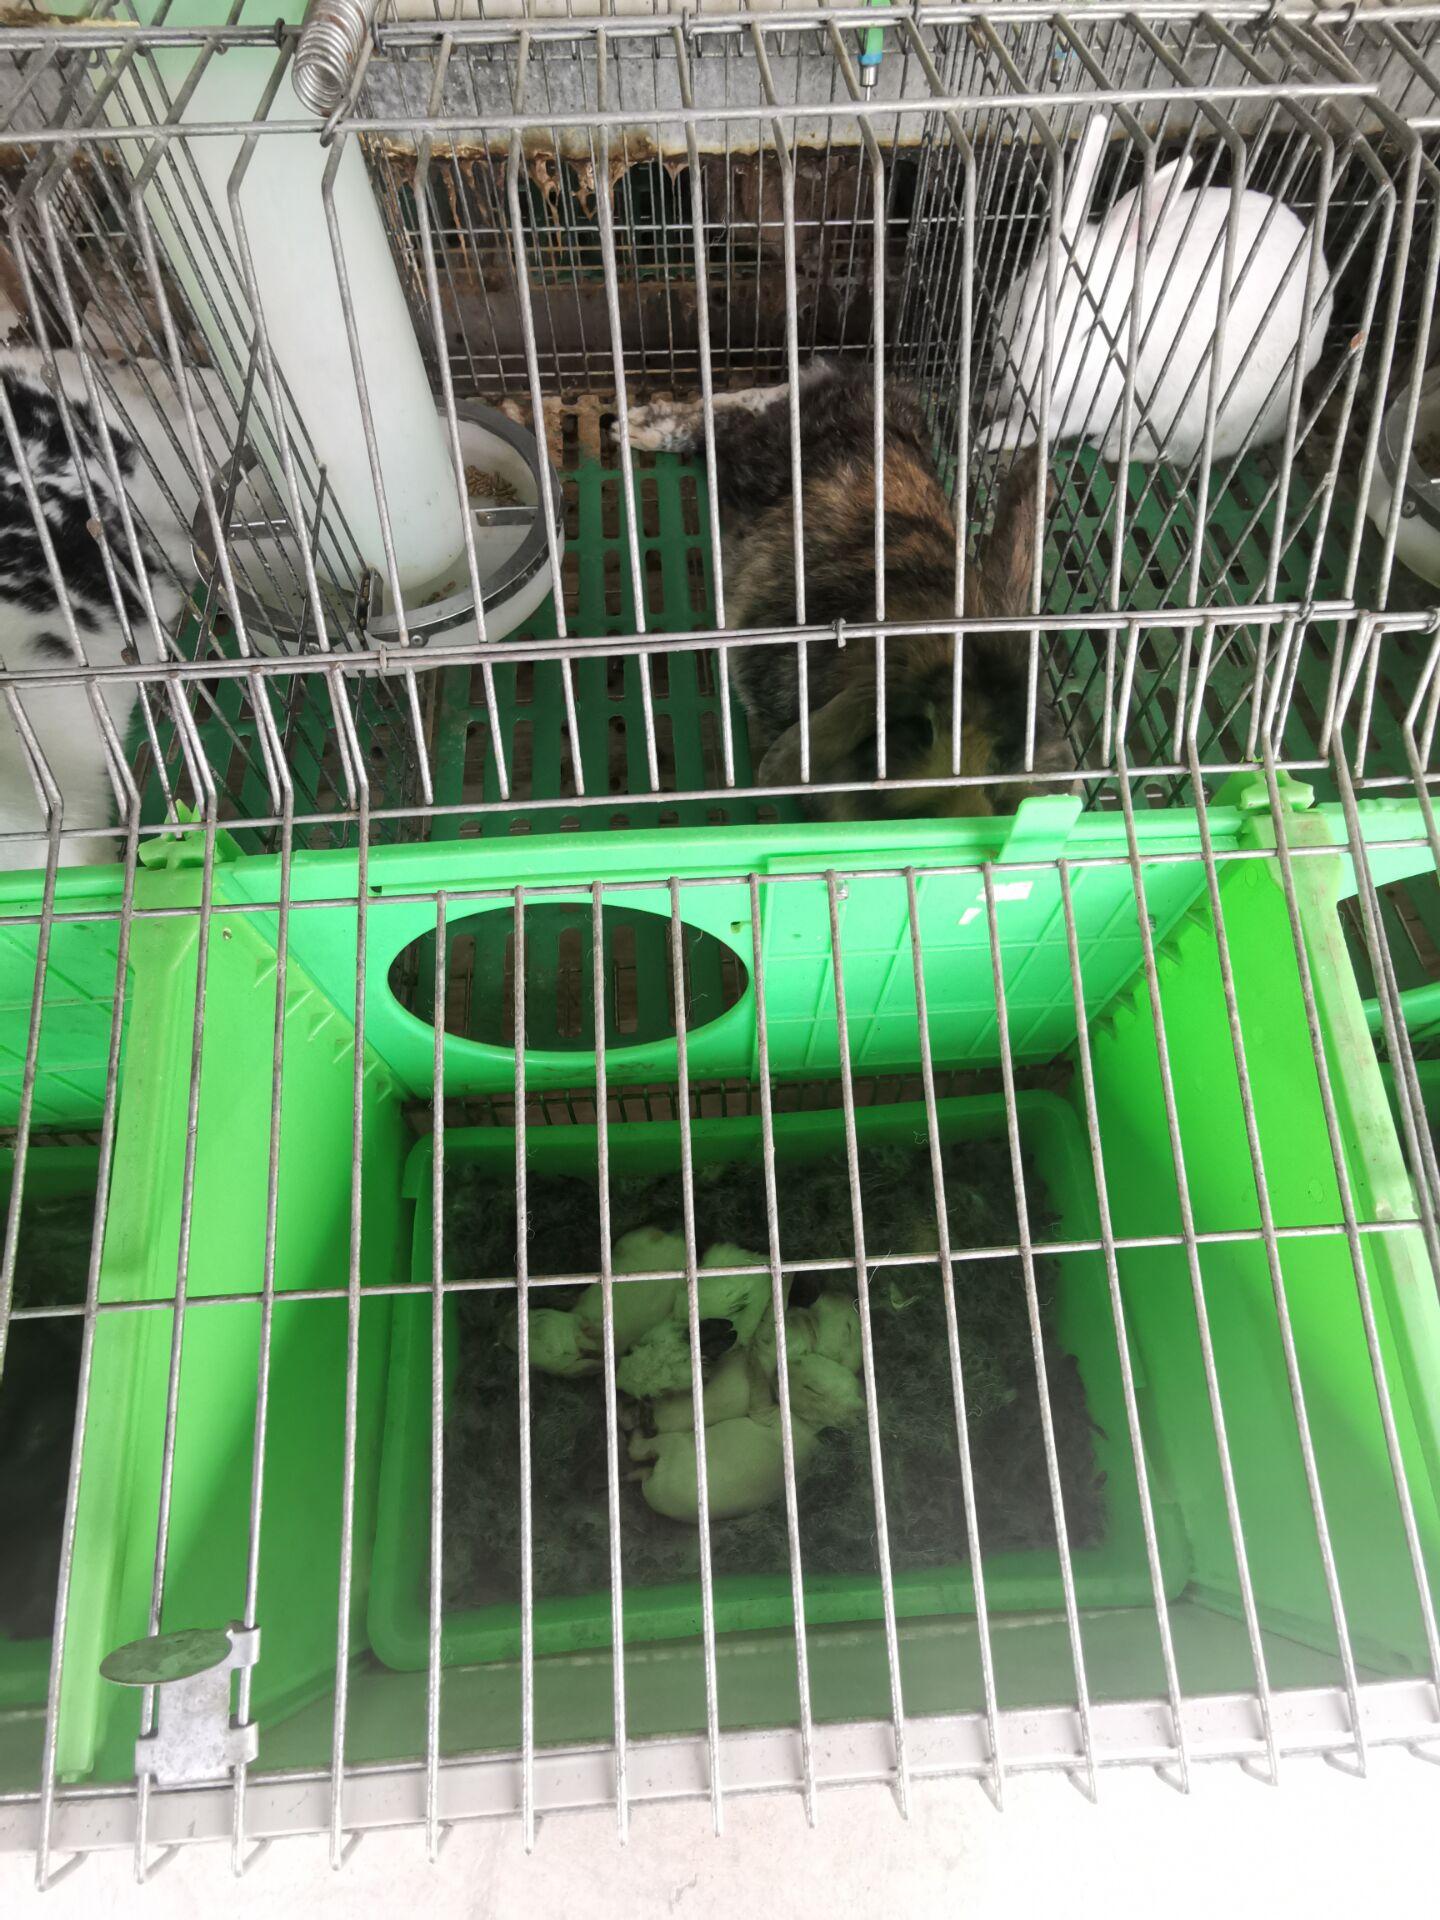 安徽天长市附近有卖种兔的养殖场